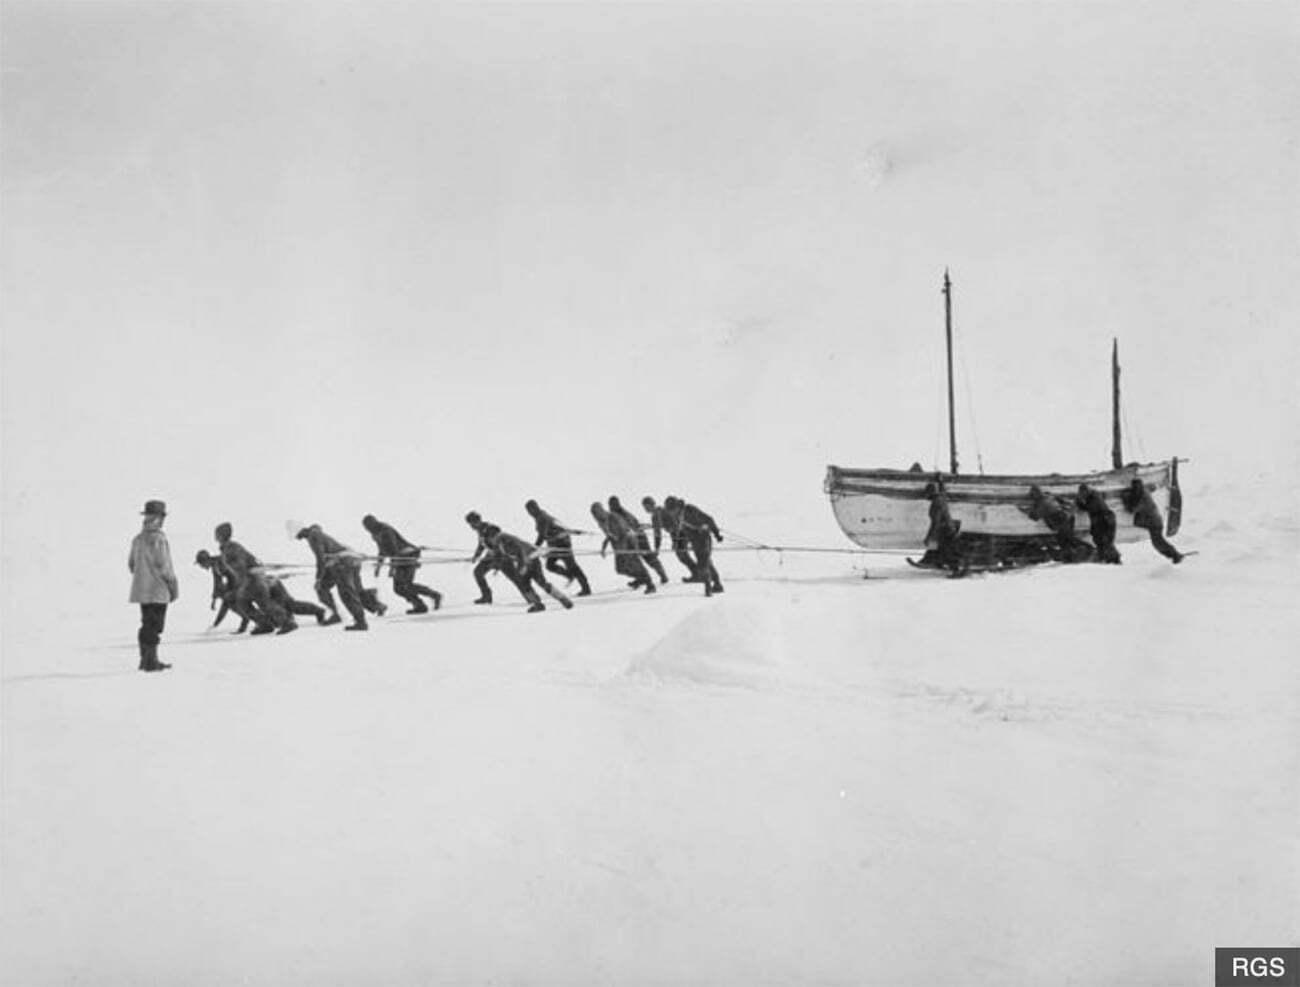 imagem da tripulação de puxando um bote na banquisa de gelo